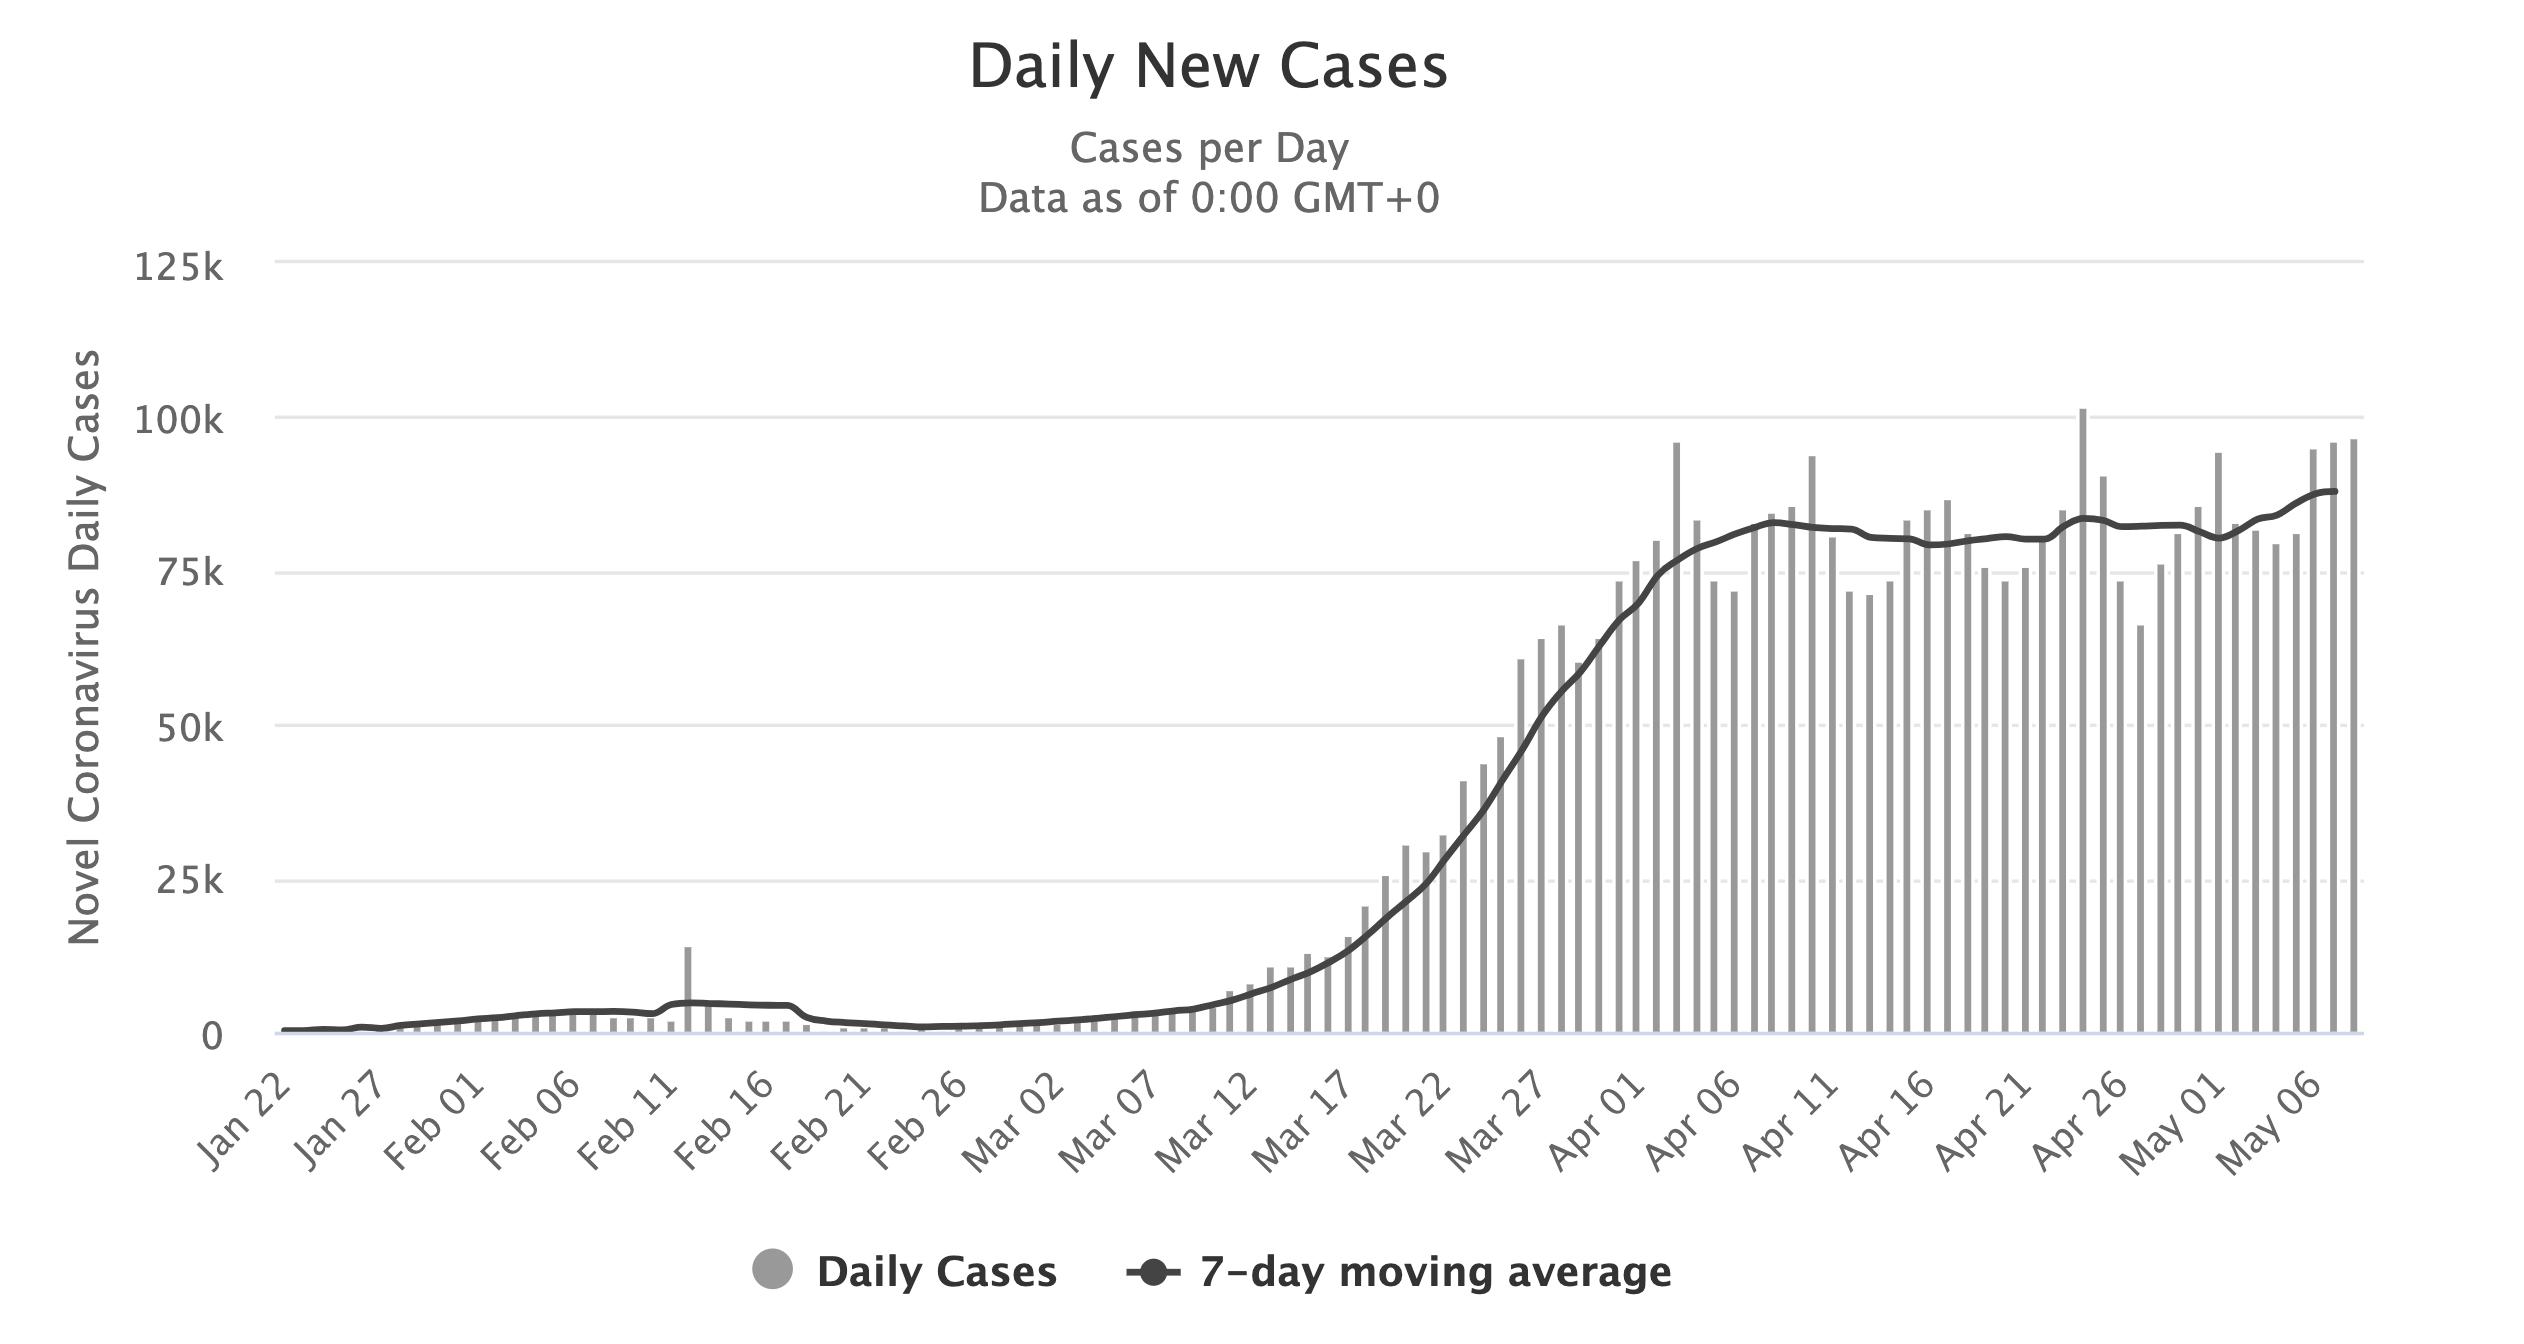 Coronavirus Daily new cases